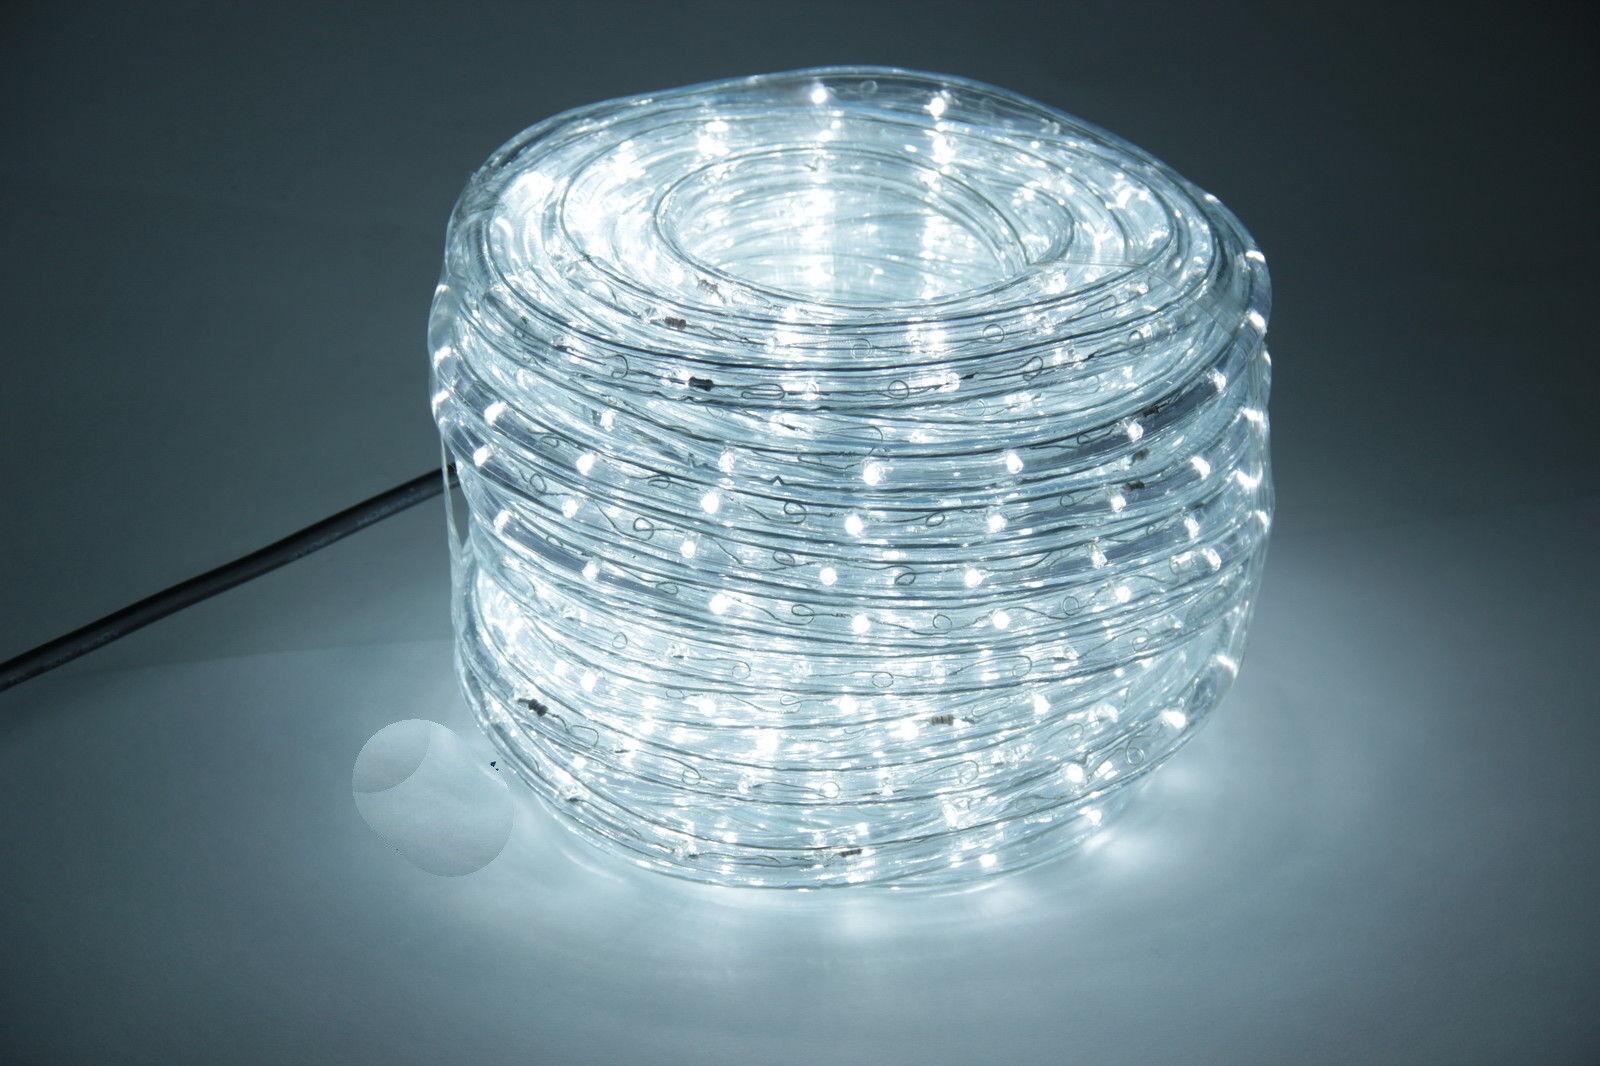 GEV LED Lichtschlauch Lichtschlauch Lichtschlauch KaltWeiss 24m Innen Außen IP44Netzteil Lichterschlauch | Up-to-date Styling  597ade